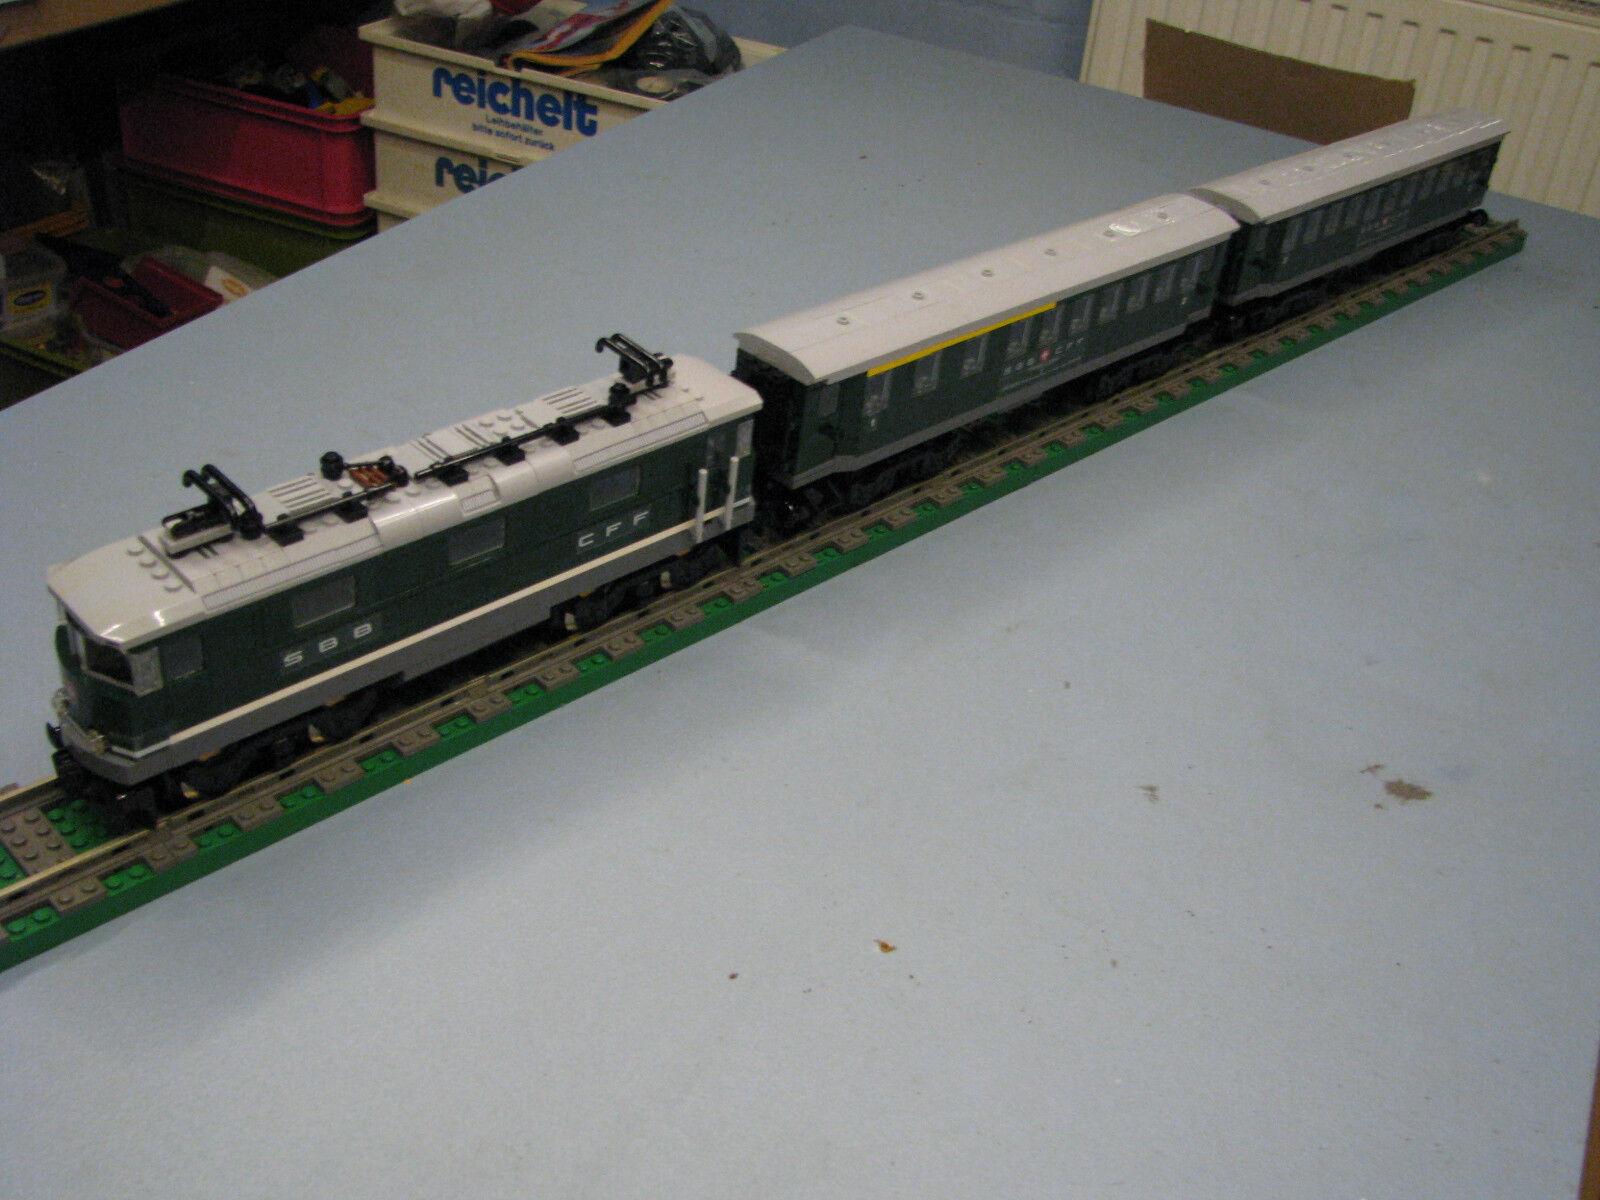 Unikat SBB Schnellzug E-Lok RE 4/4 mit 4 Stahlwagen passend zur LEGO Eisenbahn